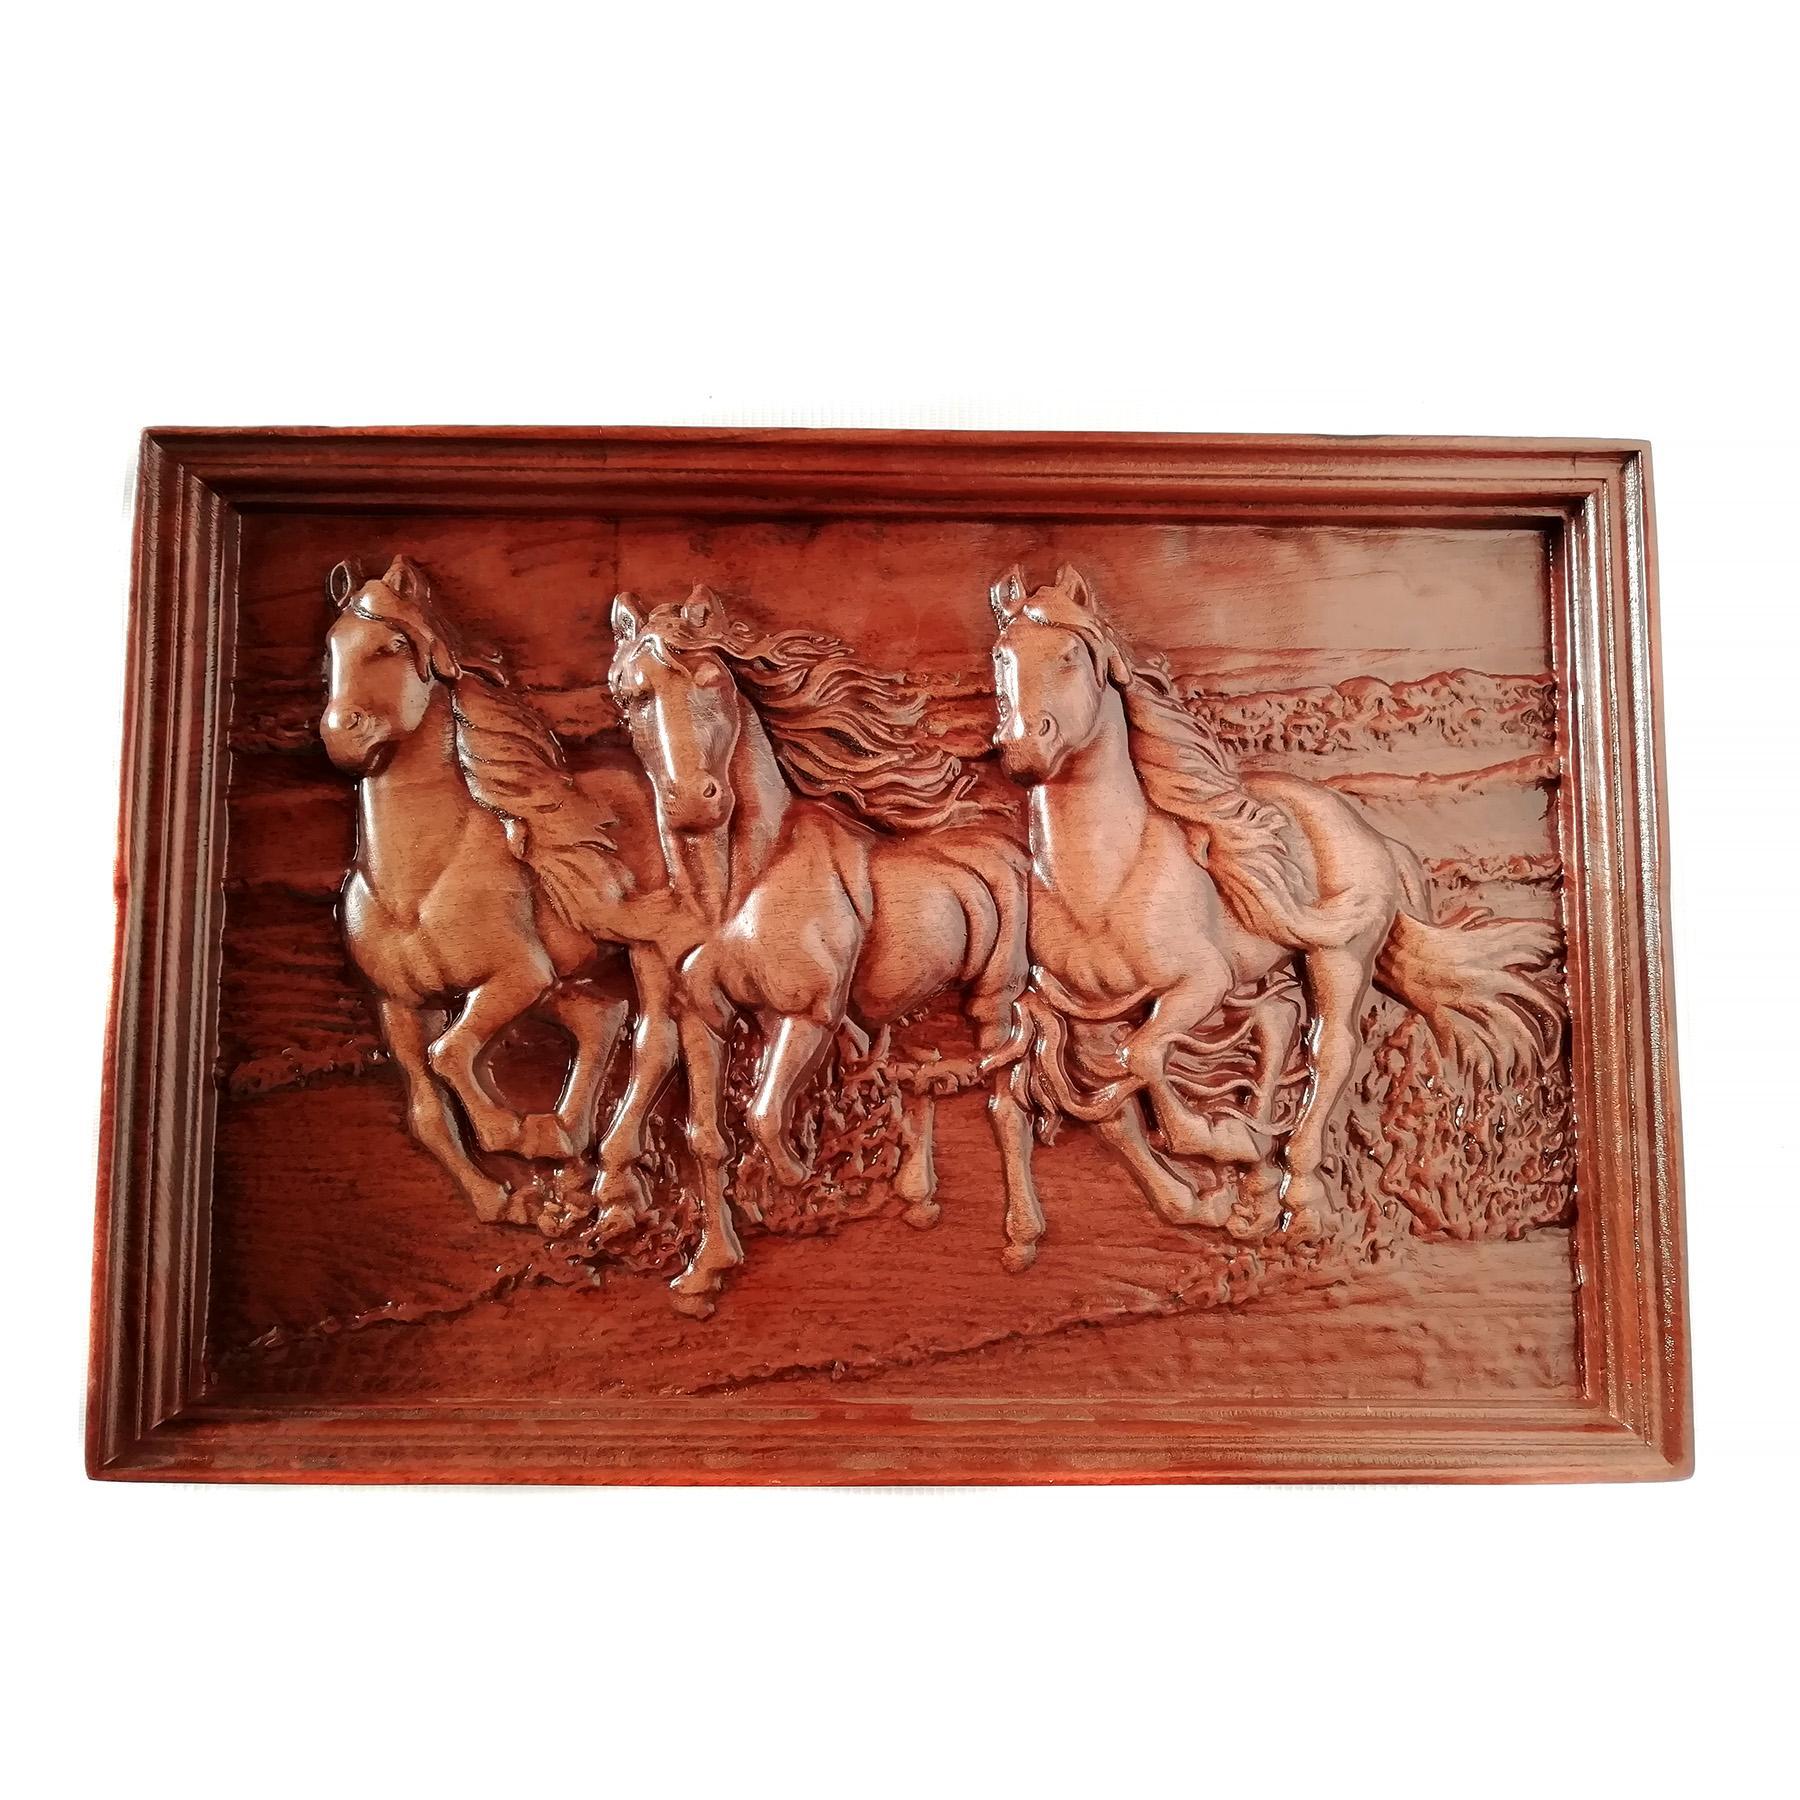 تابلو چوبی نقش برجسته سه بعدی منبت طرح اسب dc-01-عکس اصلی